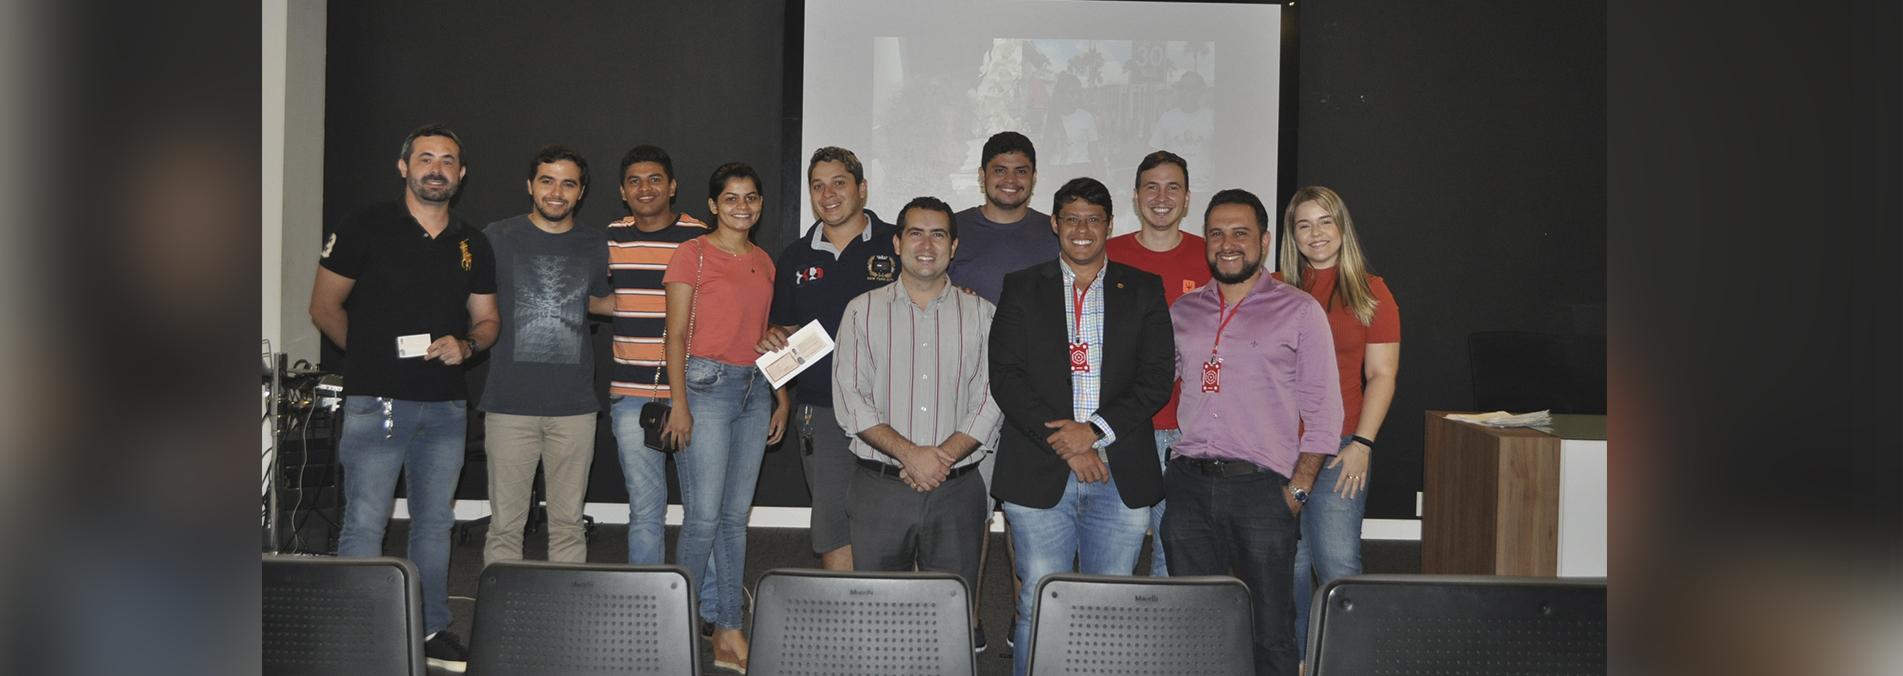 CRO-MA realizou solenidade de entrega das carteiras aos novos  inscritos no conselho, formados na Faculdade Florence.